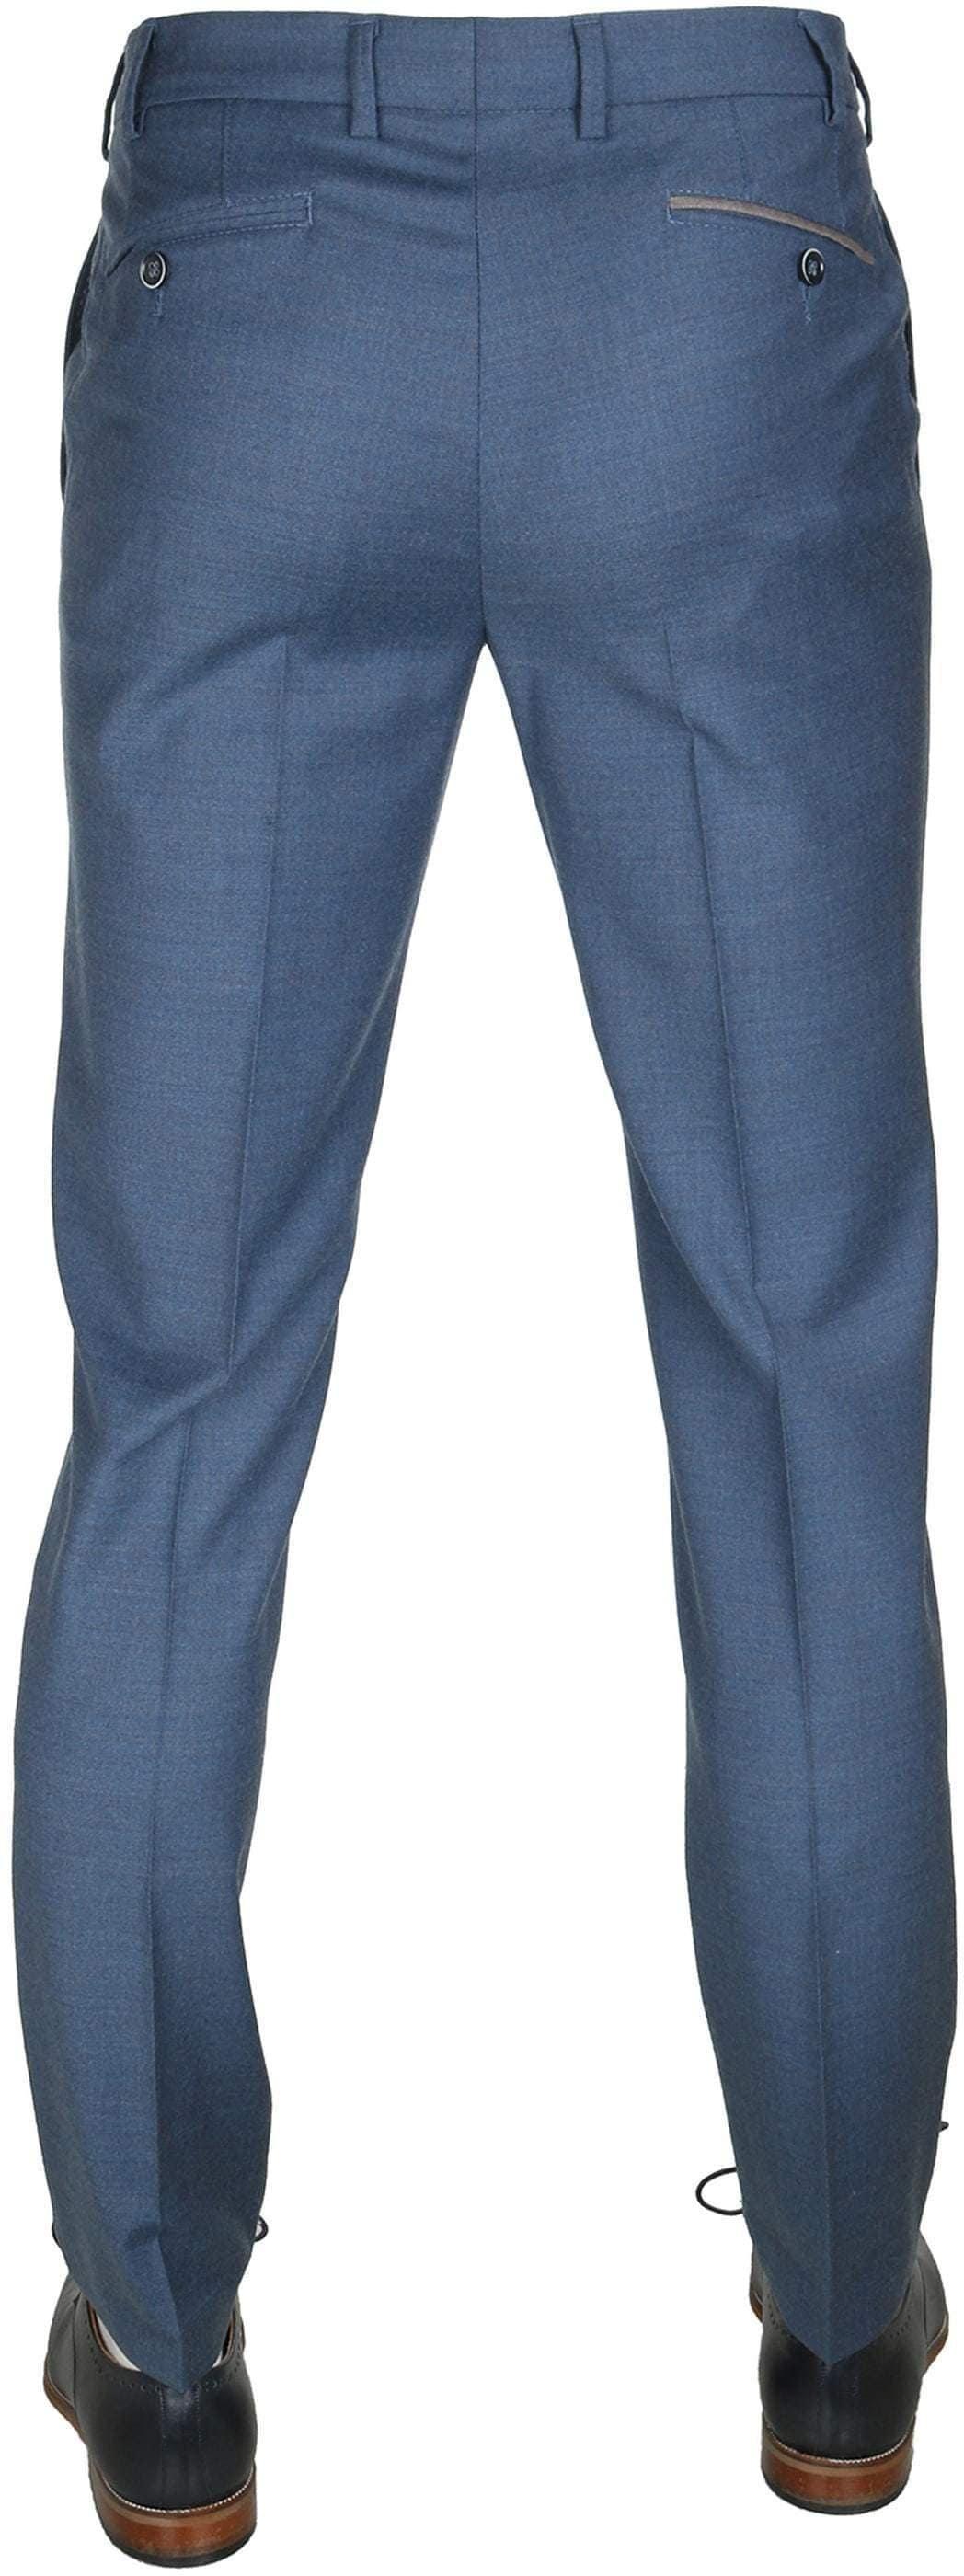 Suitable Pantalon Blauw foto 2